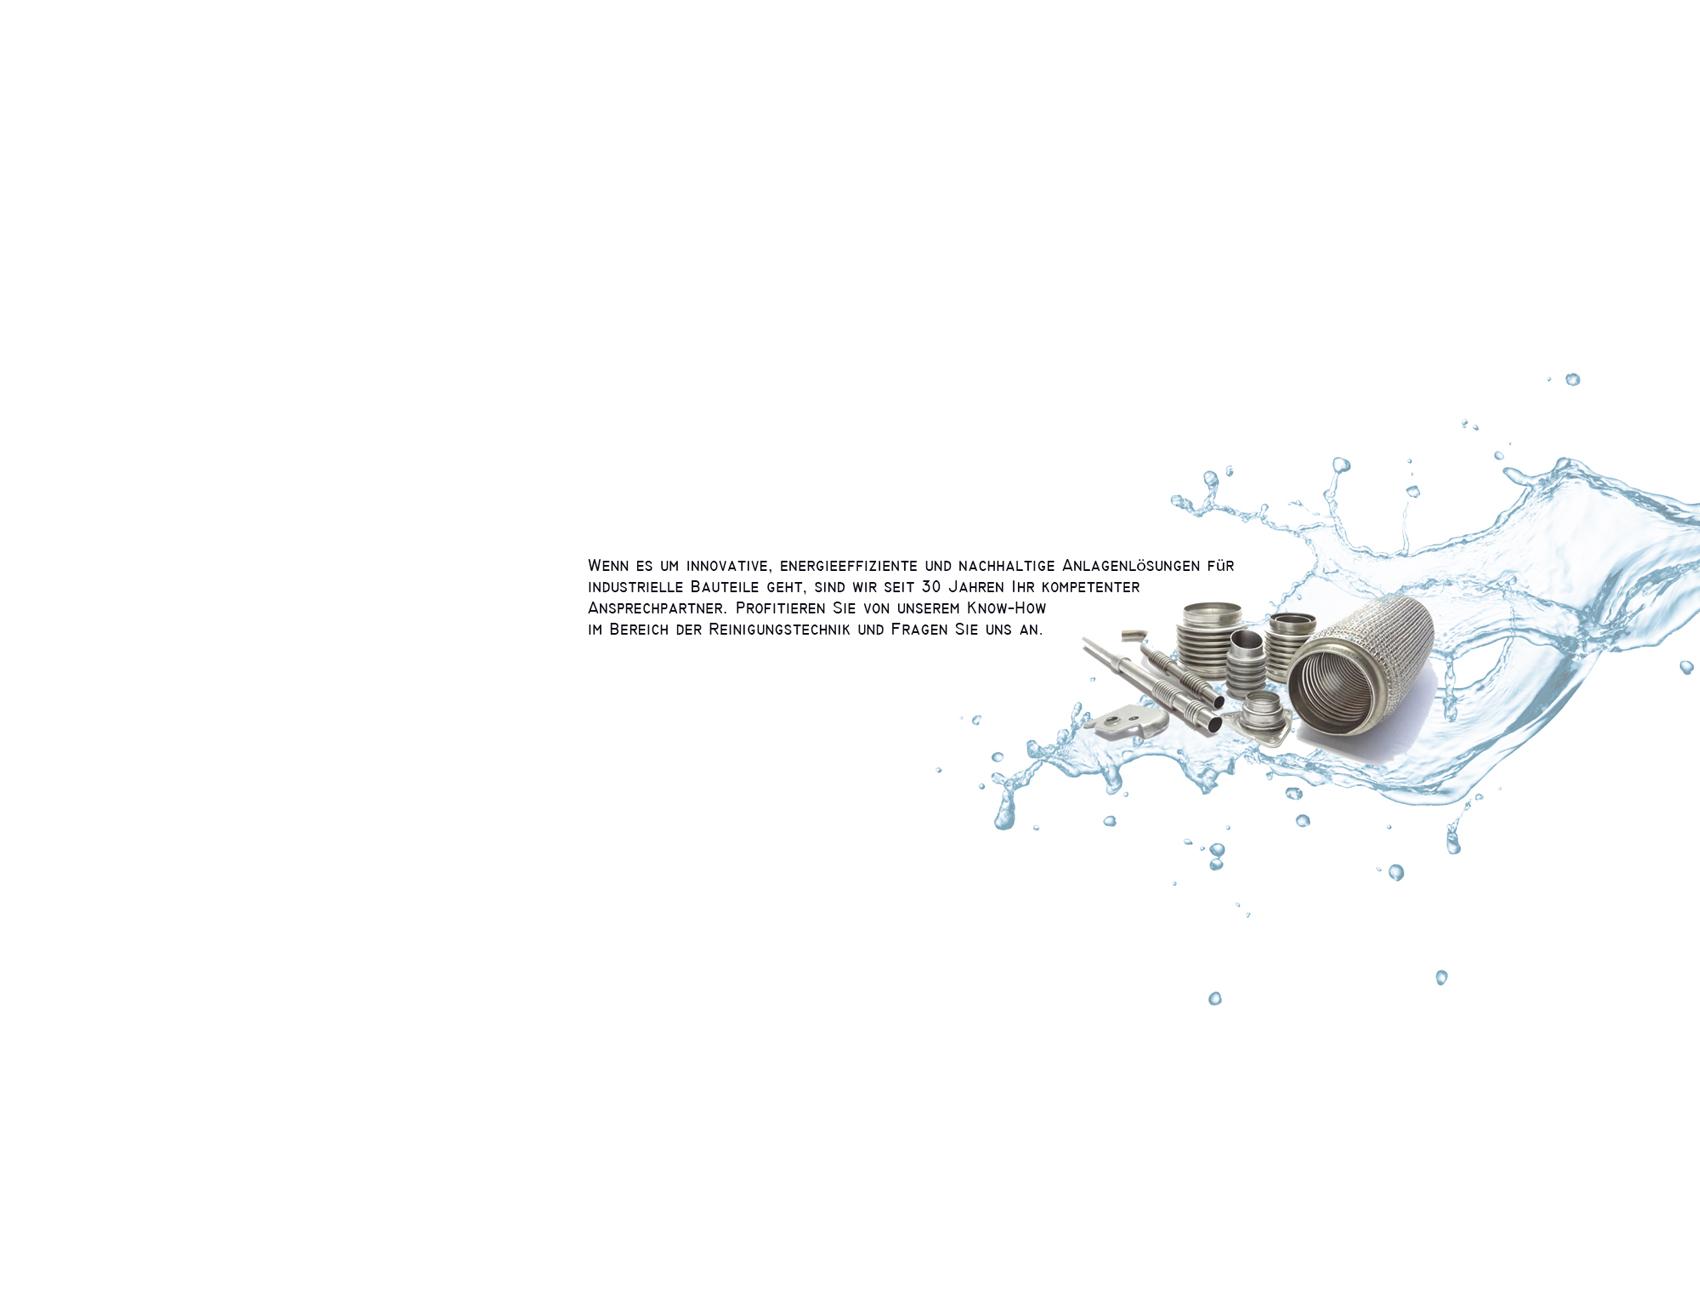 Reinigungstechnik, industrielle Reinigung, industrielle Teilreinigung, Teilereinigung, Feinstreinigung, Reinigungsanlage, Reinigungsanlagen, Bauteilereinigung